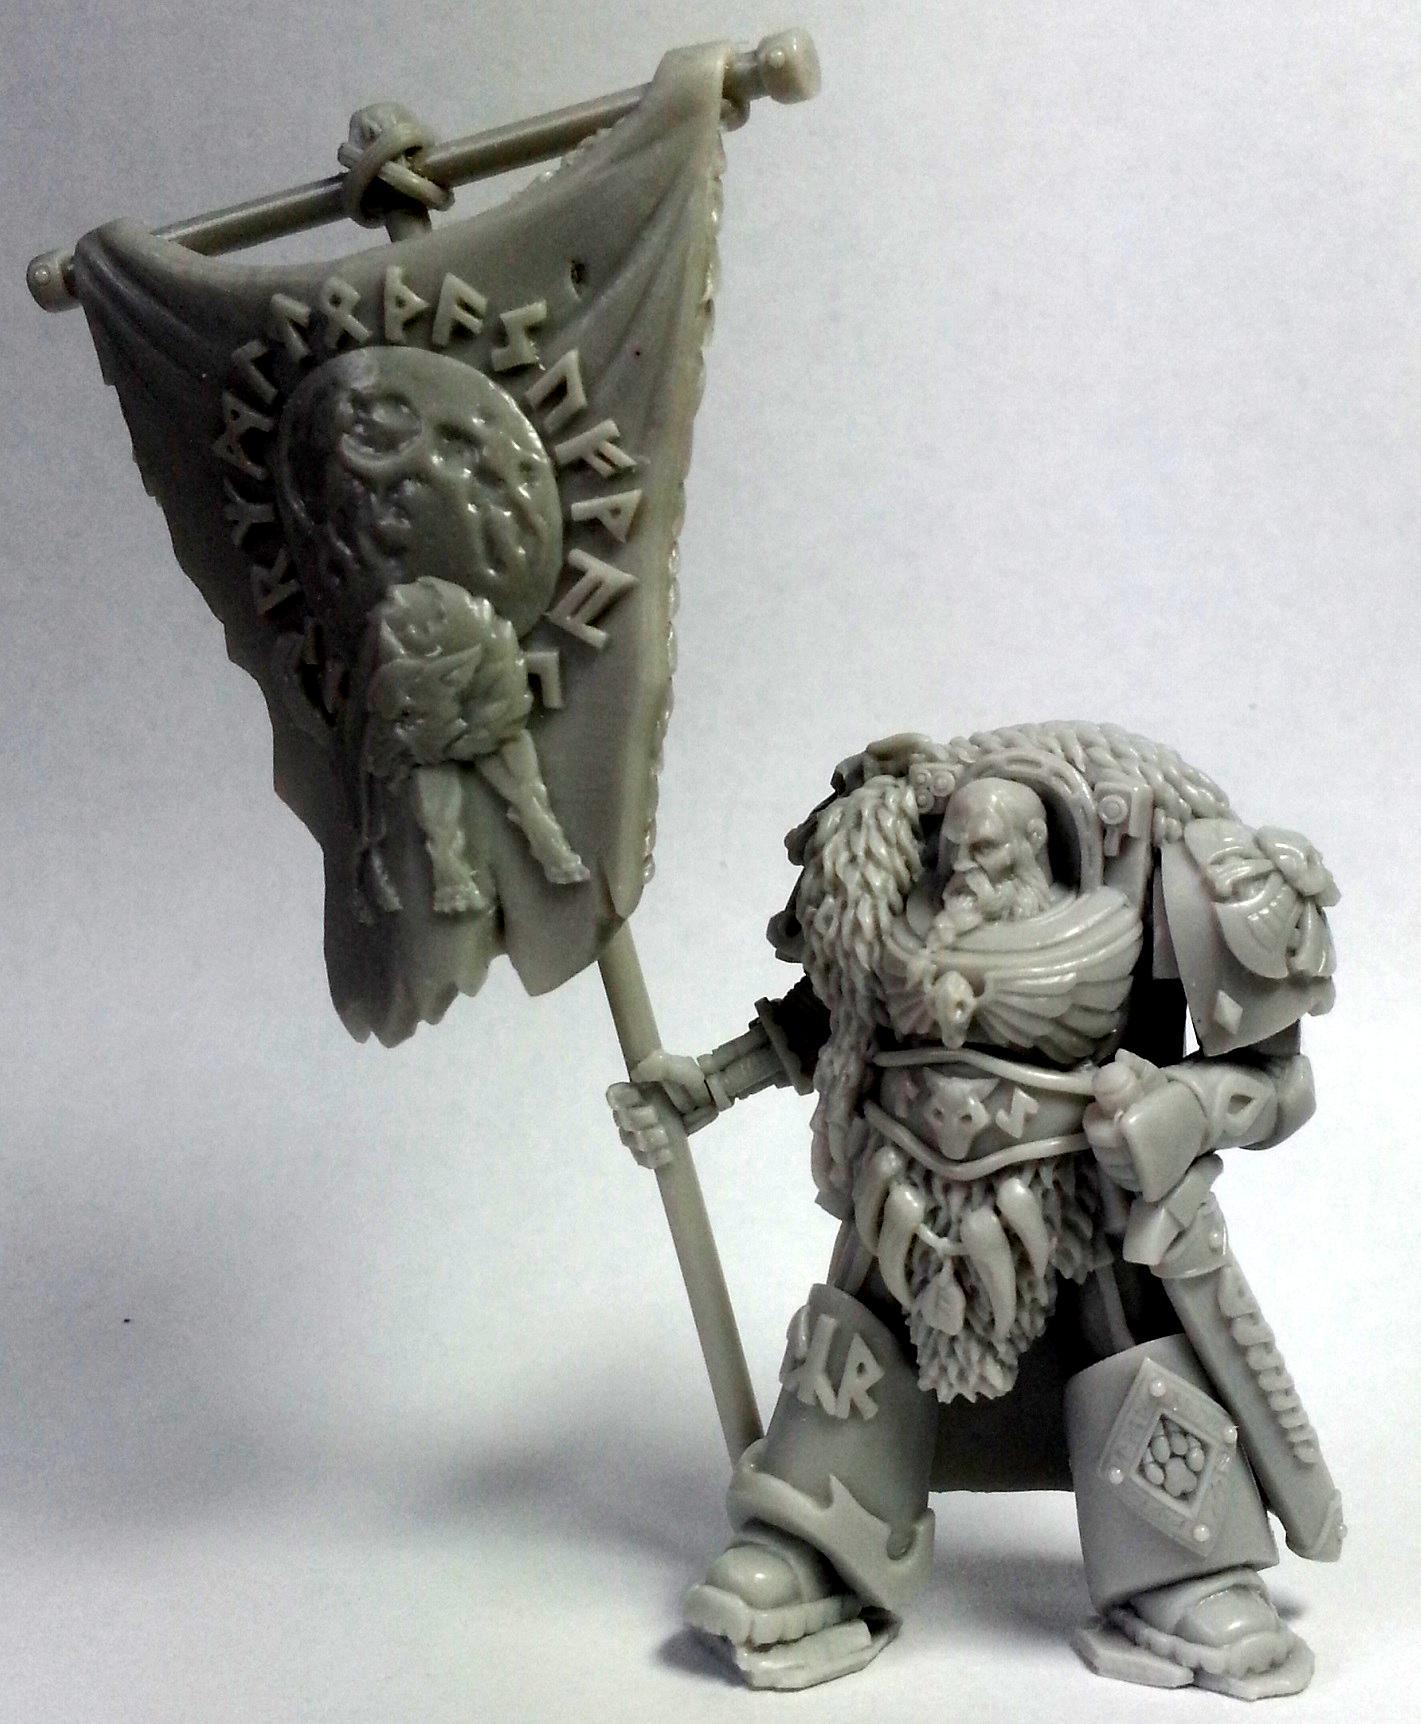 Norse, Standard Bearer, Terminator Armor, True Scale, Tyr